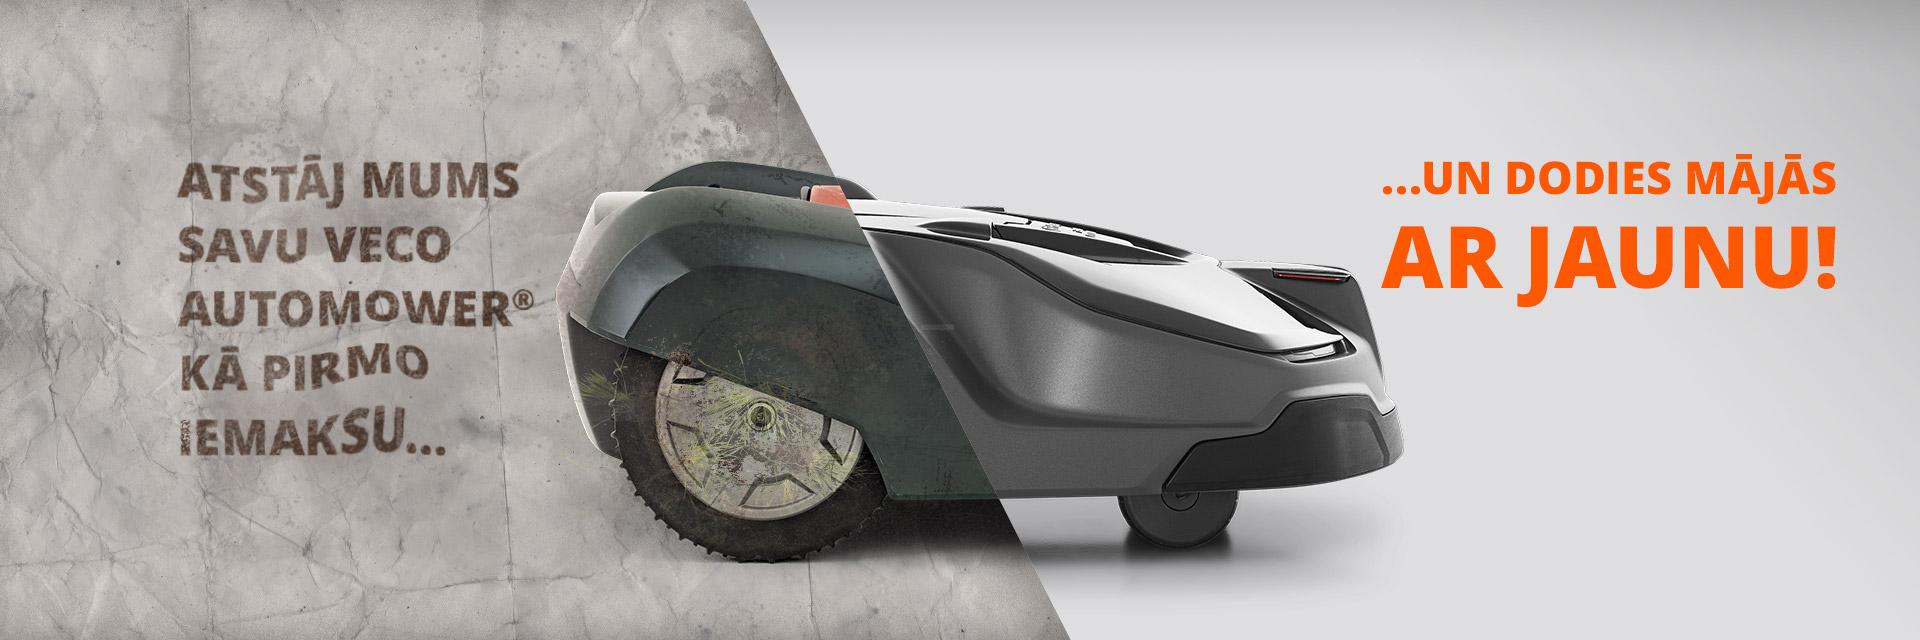 Akcija apmainīt veco automower robotizēto zāles pļāvēju pret jaunu